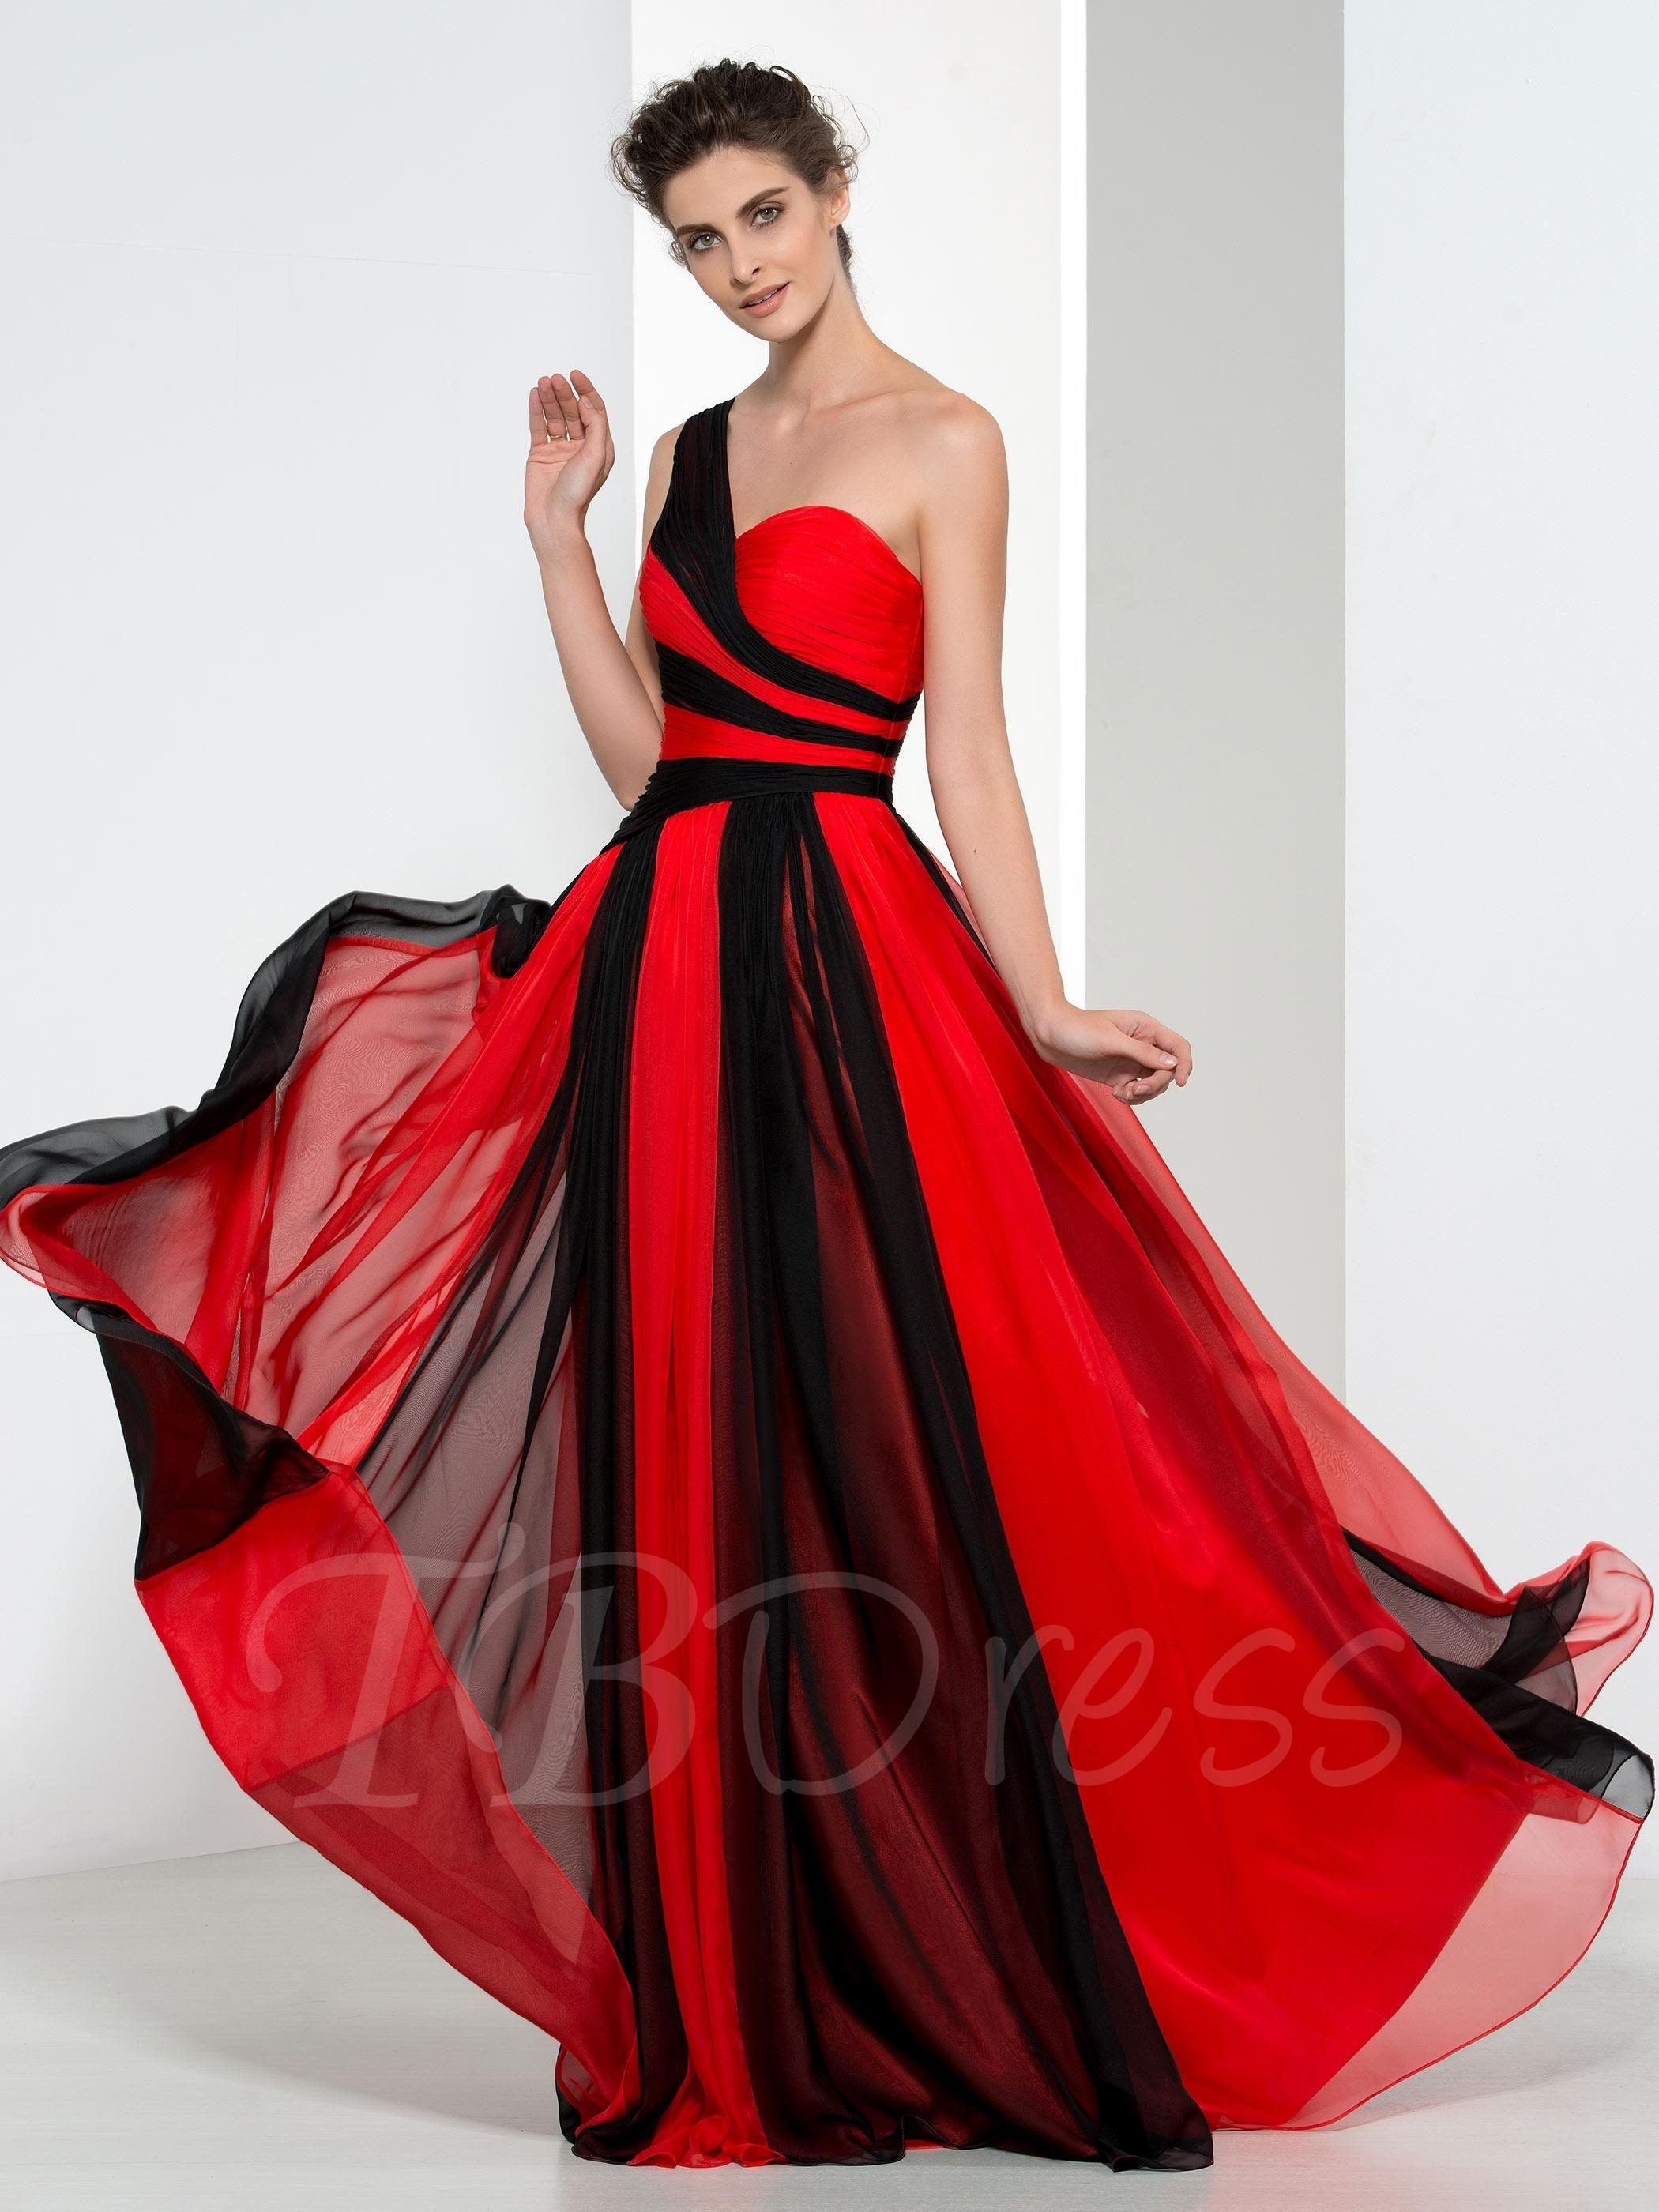 Adorewe tbdress oneshoulder contrast color long evening dress